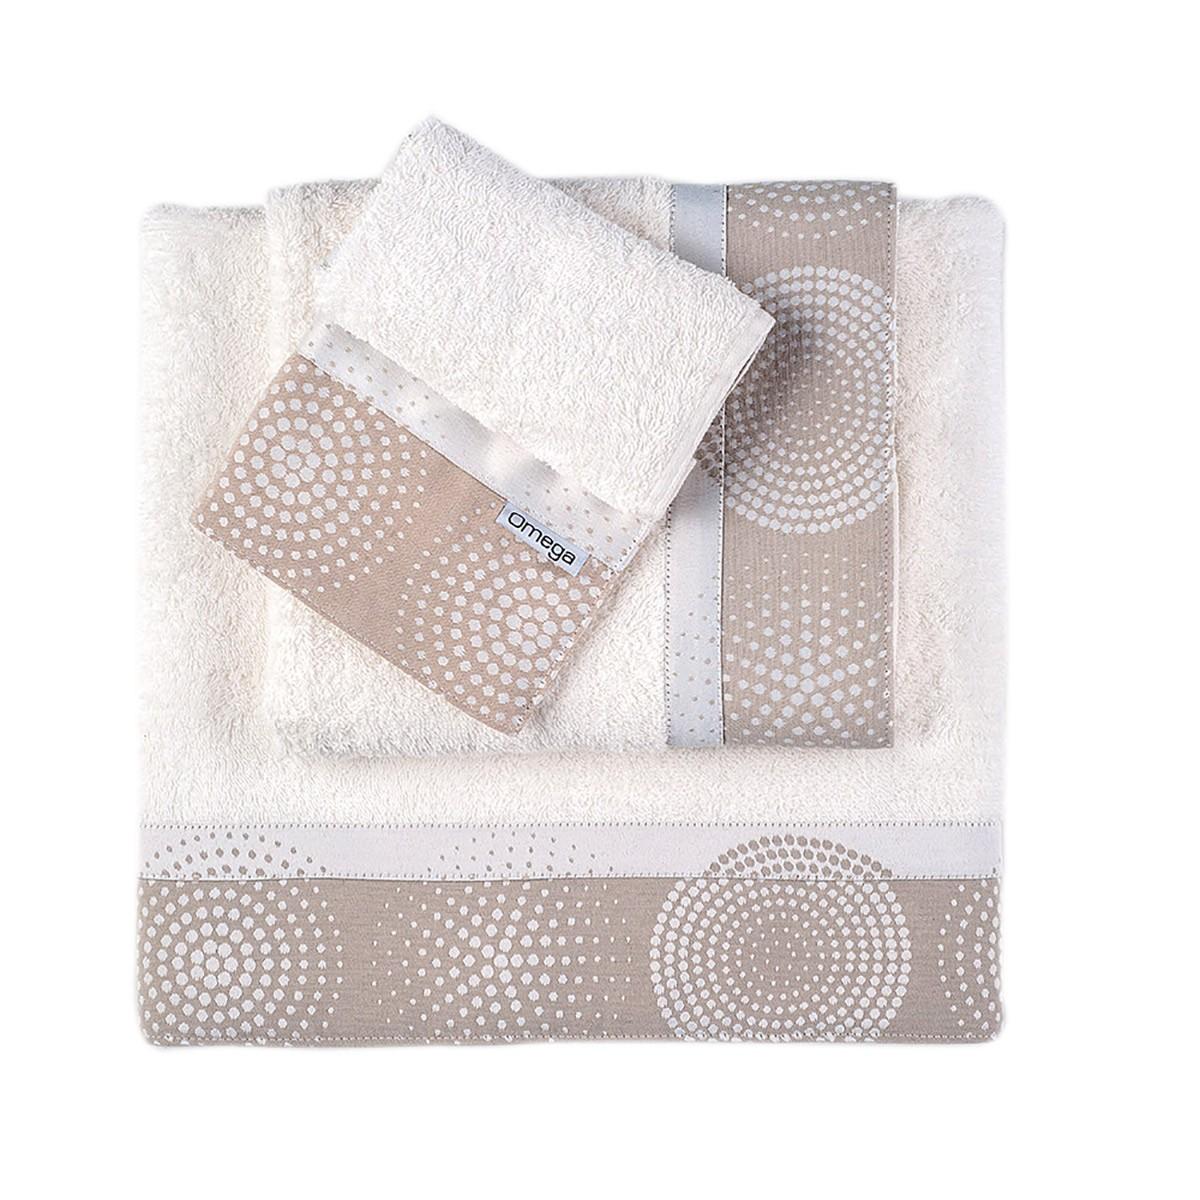 Πετσέτες Μπάνιου (Σετ 3τμχ) Omega Home Des 125